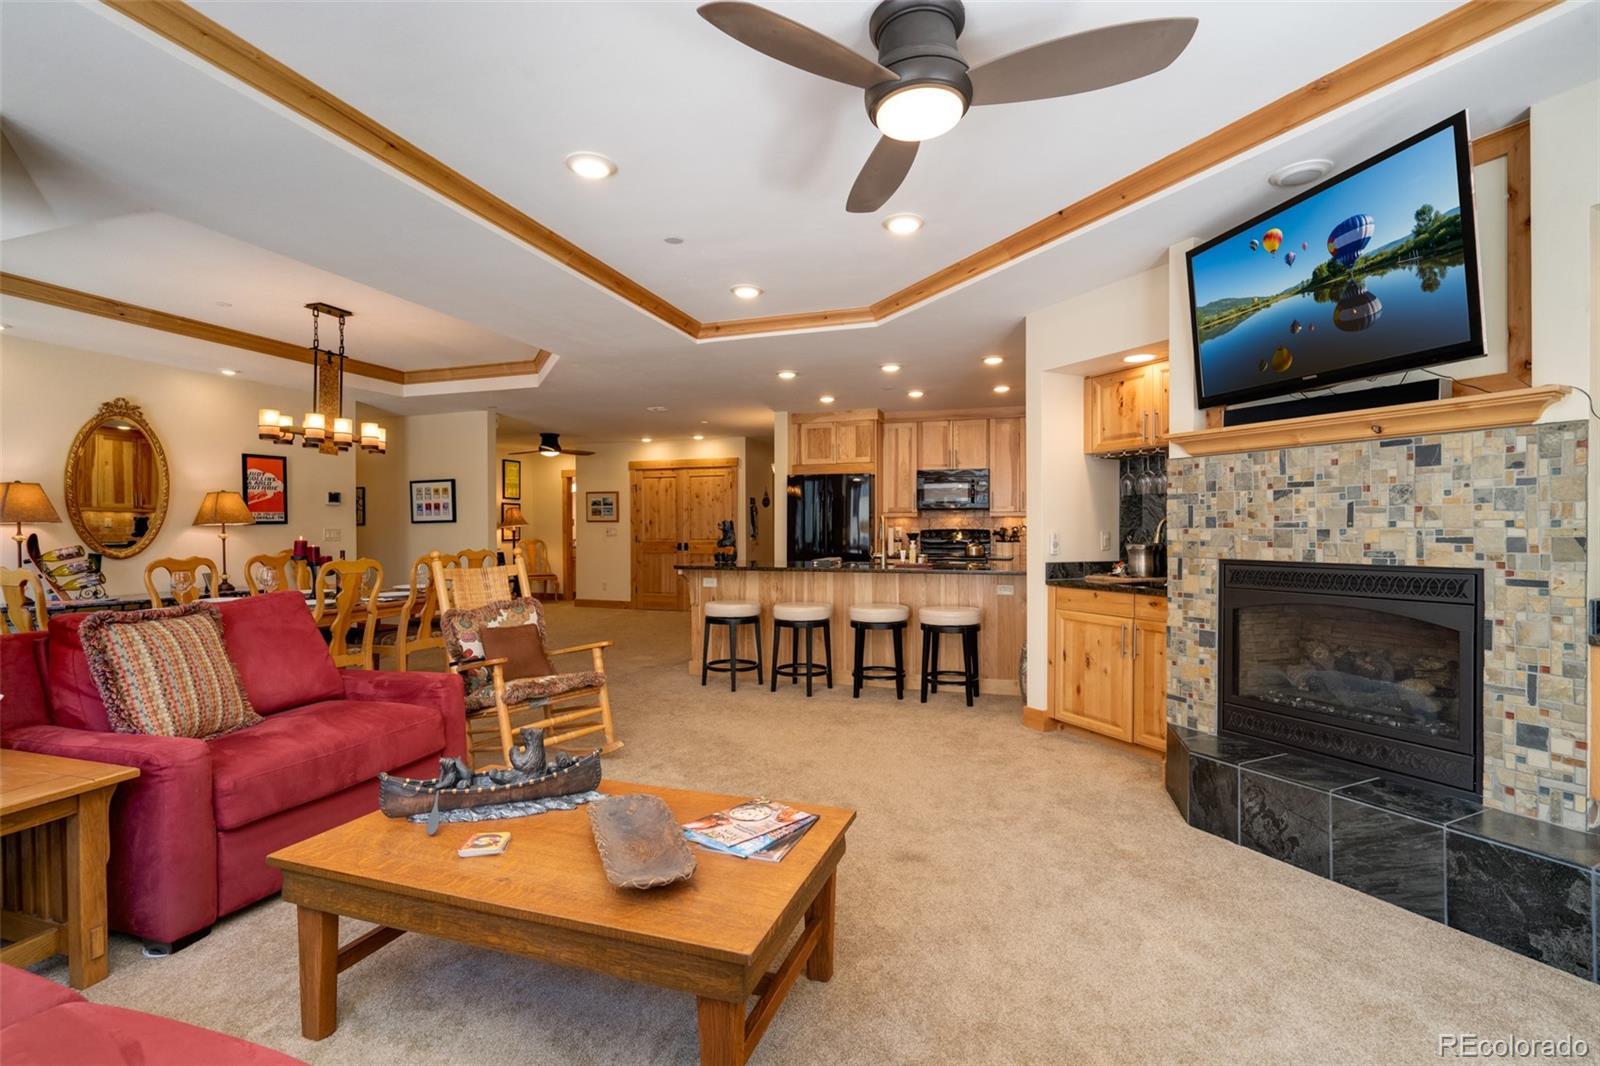 MLS# 1828561 - 3 - 2800 Eagleridge Drive #B-2, Steamboat Springs, CO 80487